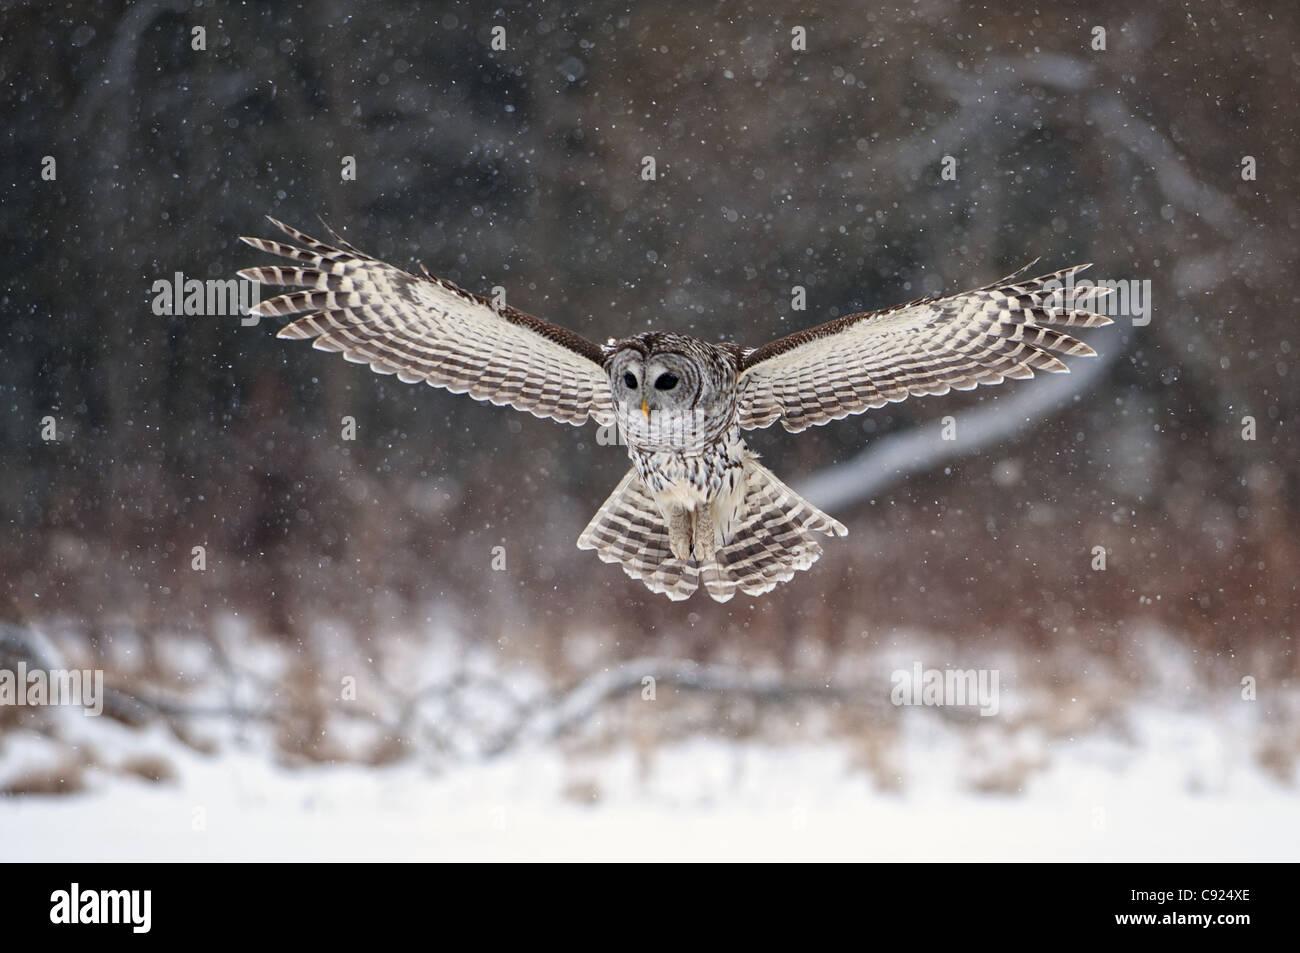 Prohibieron la lechuza común se abalanza para aterrizar en la nieve, en Ontario, Canadá, el invierno Imagen De Stock